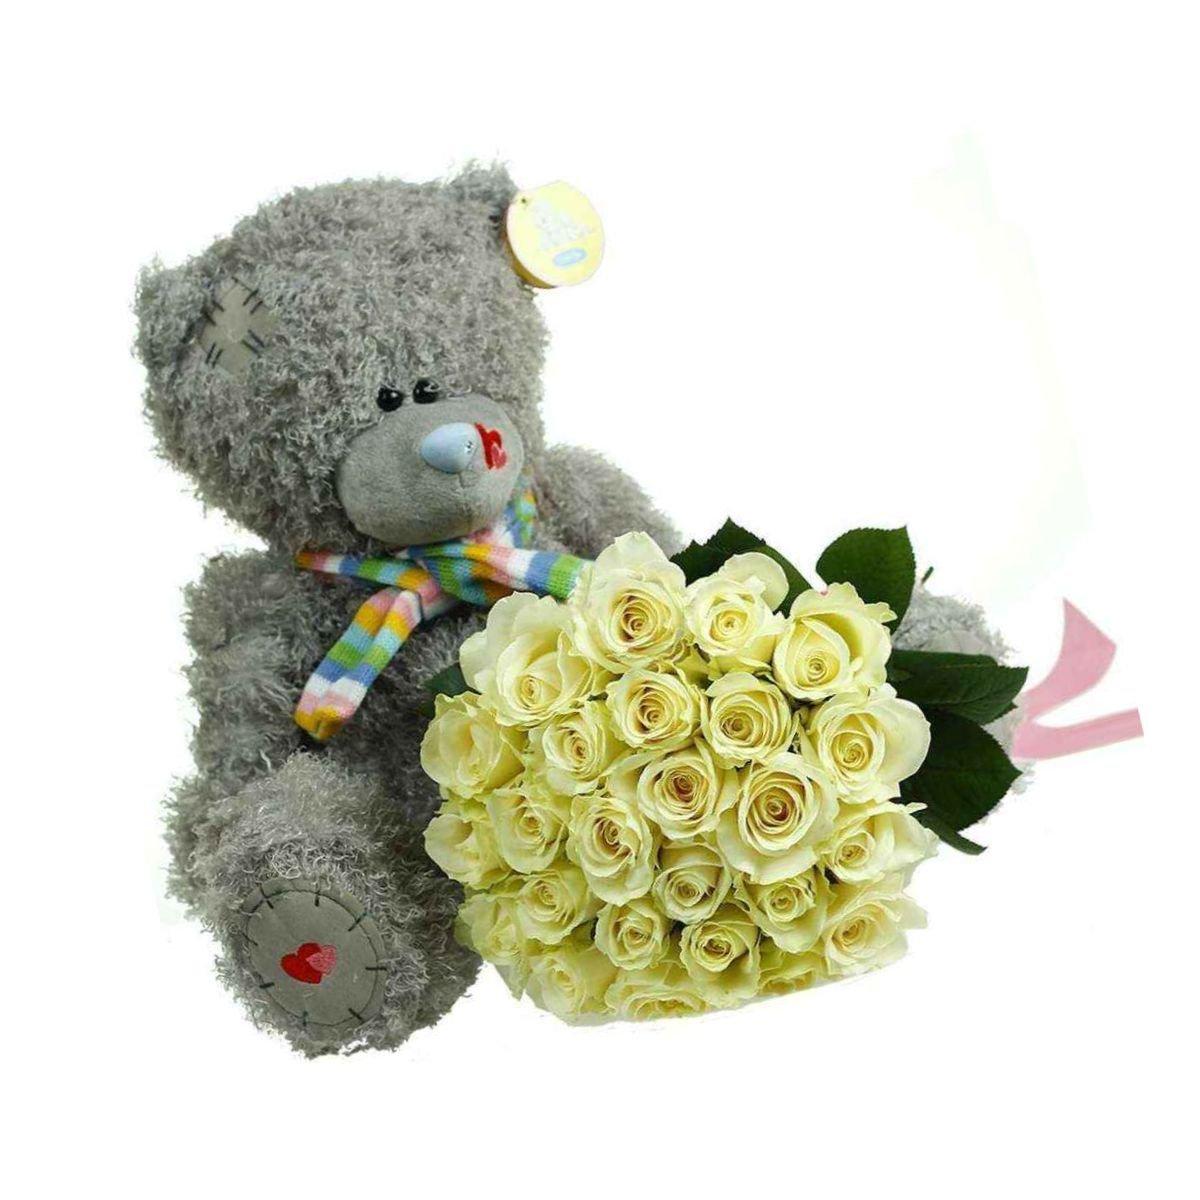 Картинка мишка с букетом цветов